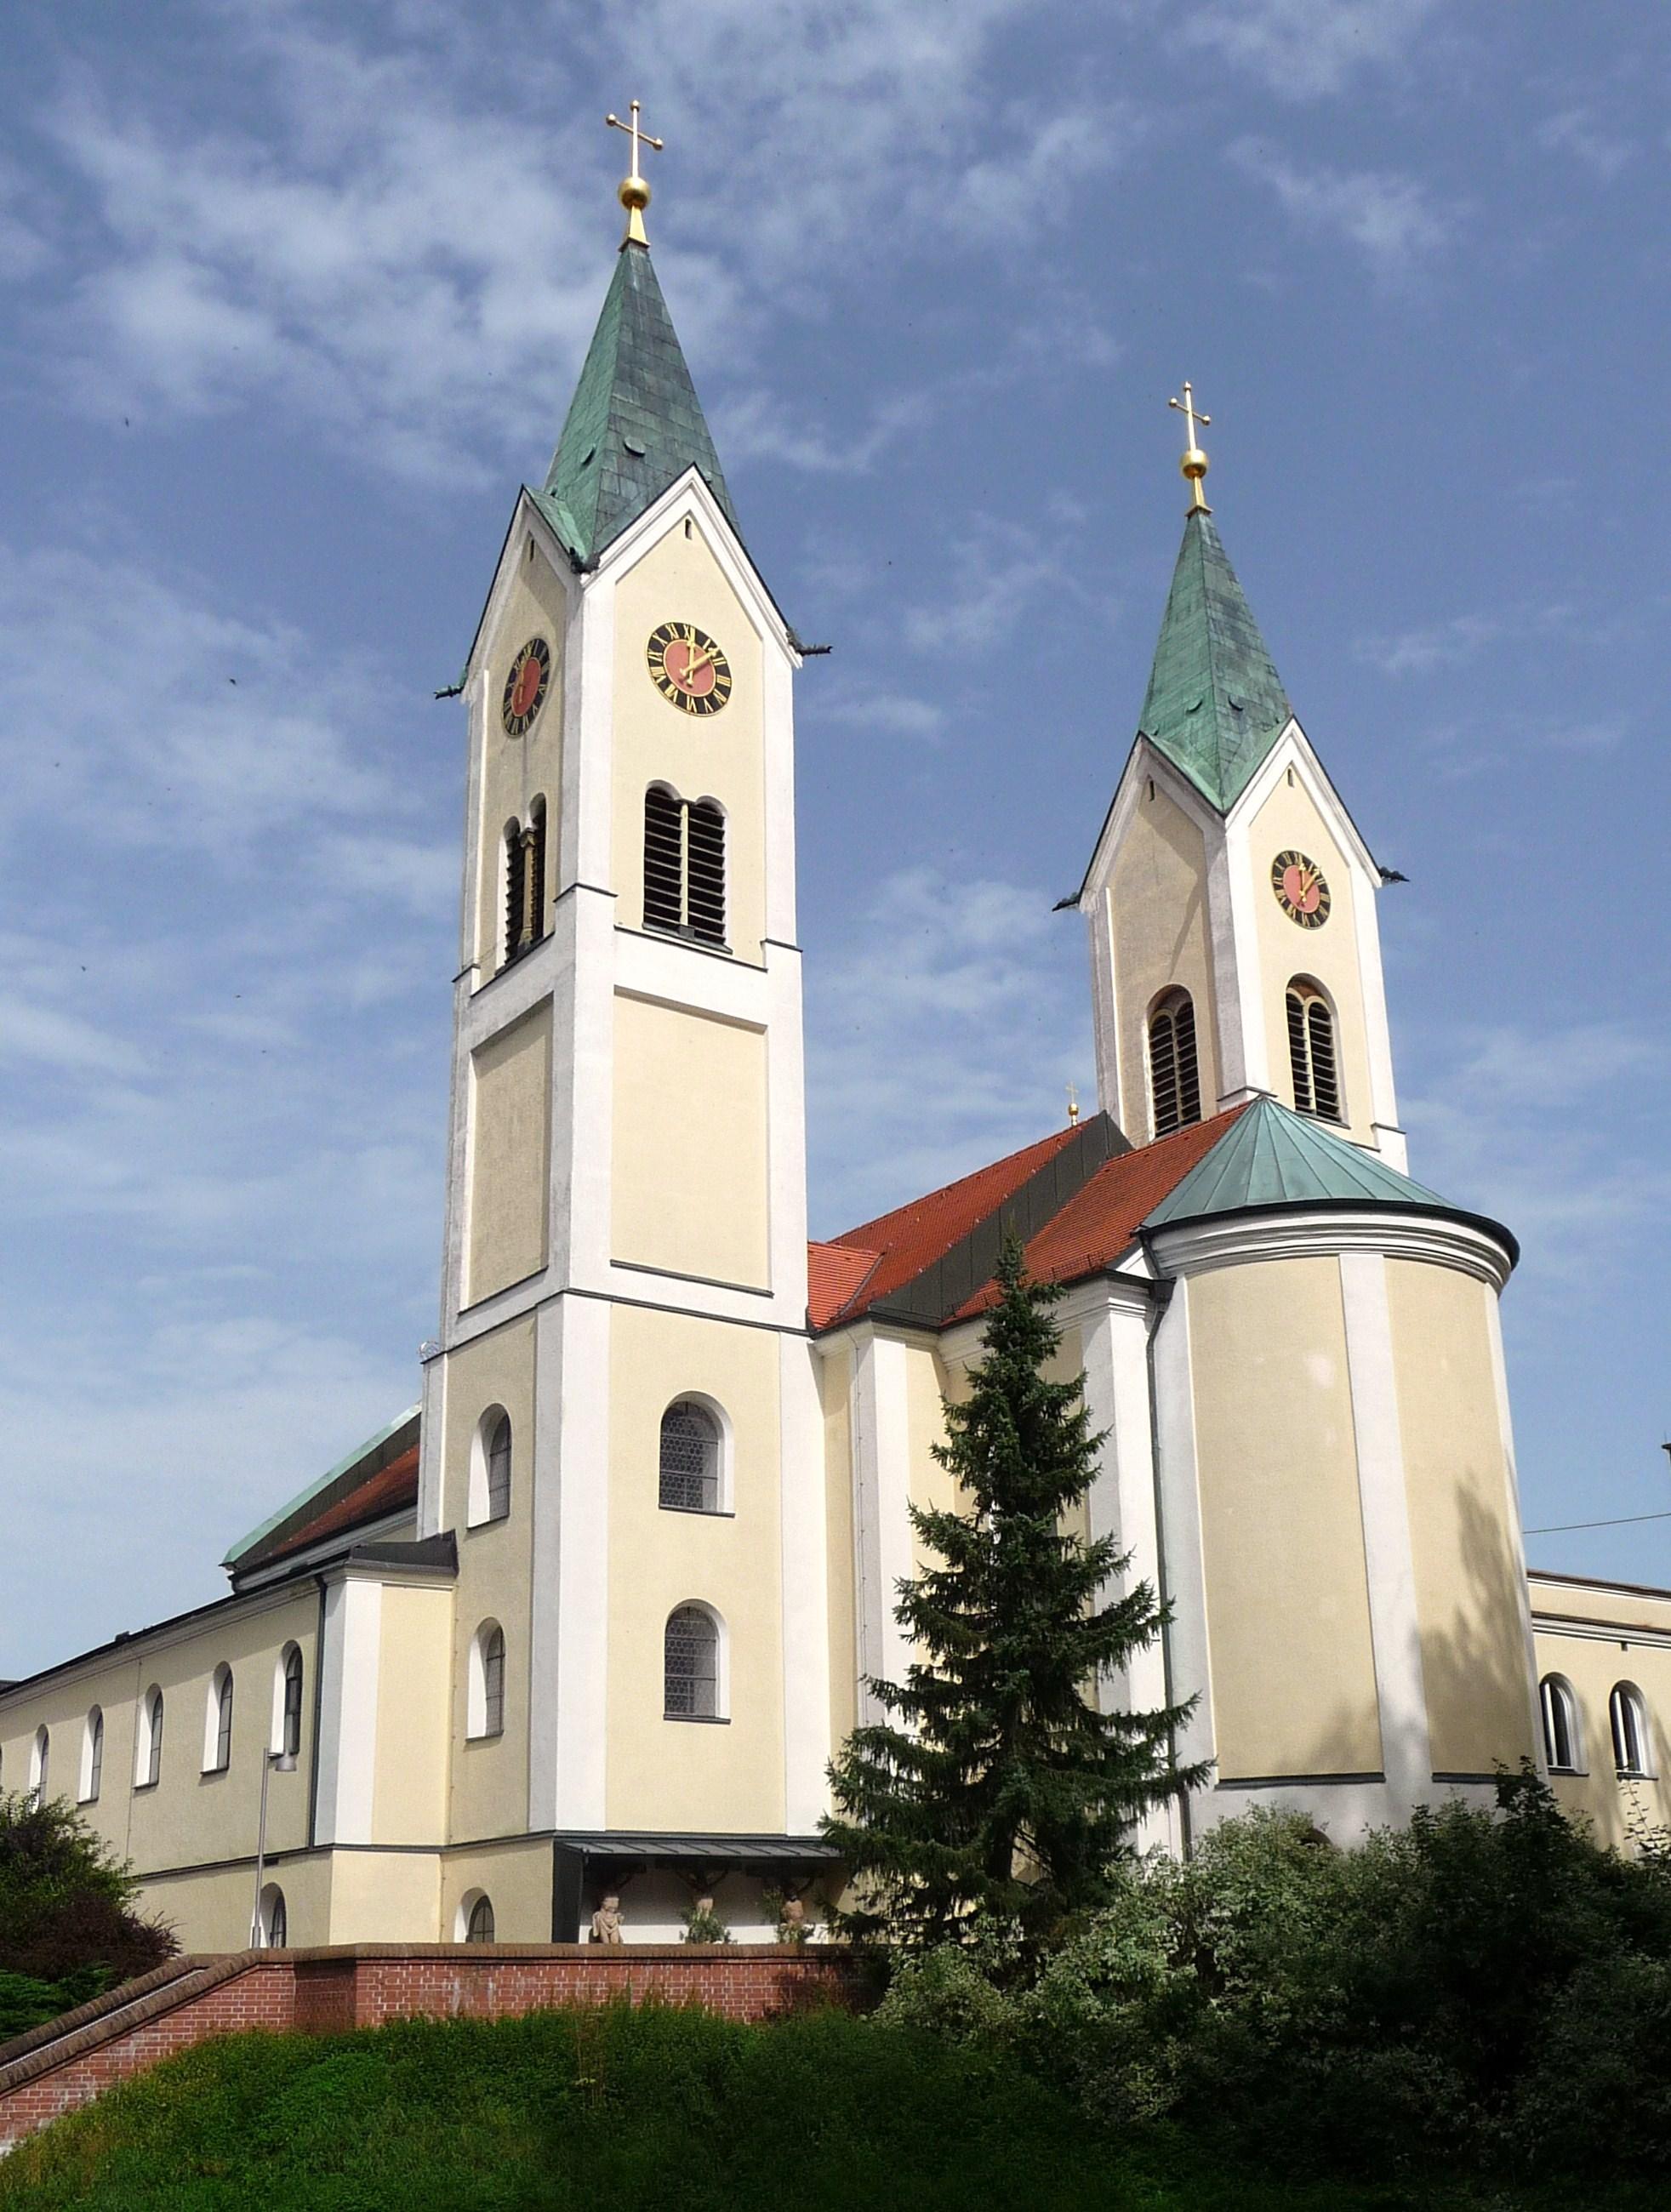 Wallfahrtskirche Maria Hilf (Vilsbiburg)